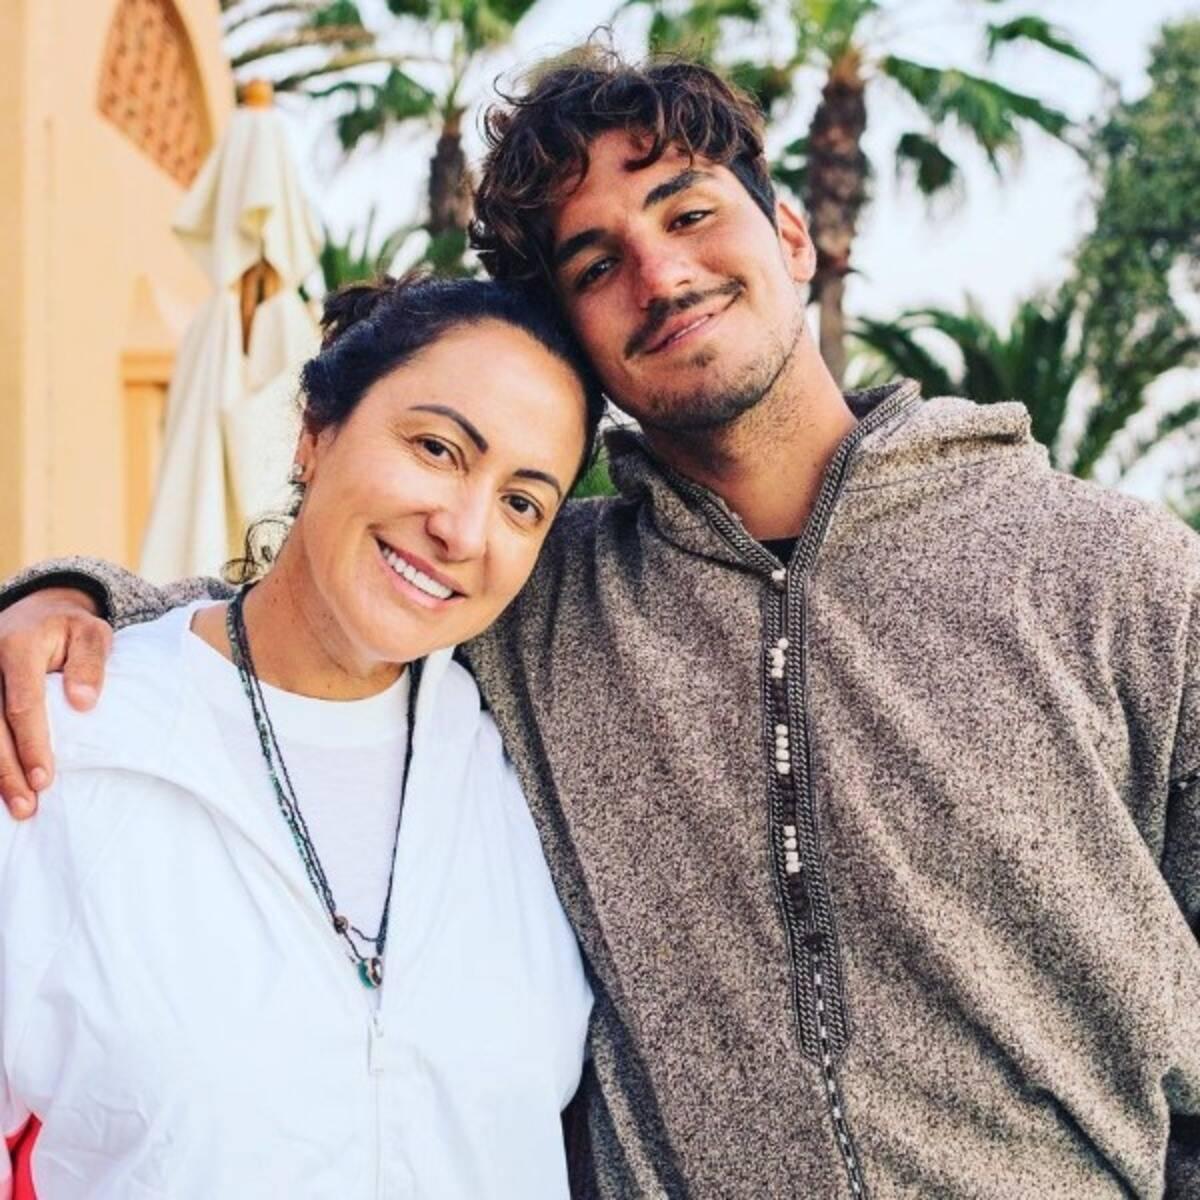 Simone Medina, mãe de Gabriel Medina, surpreendeu seus seguidores nesta quarta-feira (15), ao fazer uma publicação celebrando o tricampeonato do filho no mundial de surfe. (Foto: Instagram)